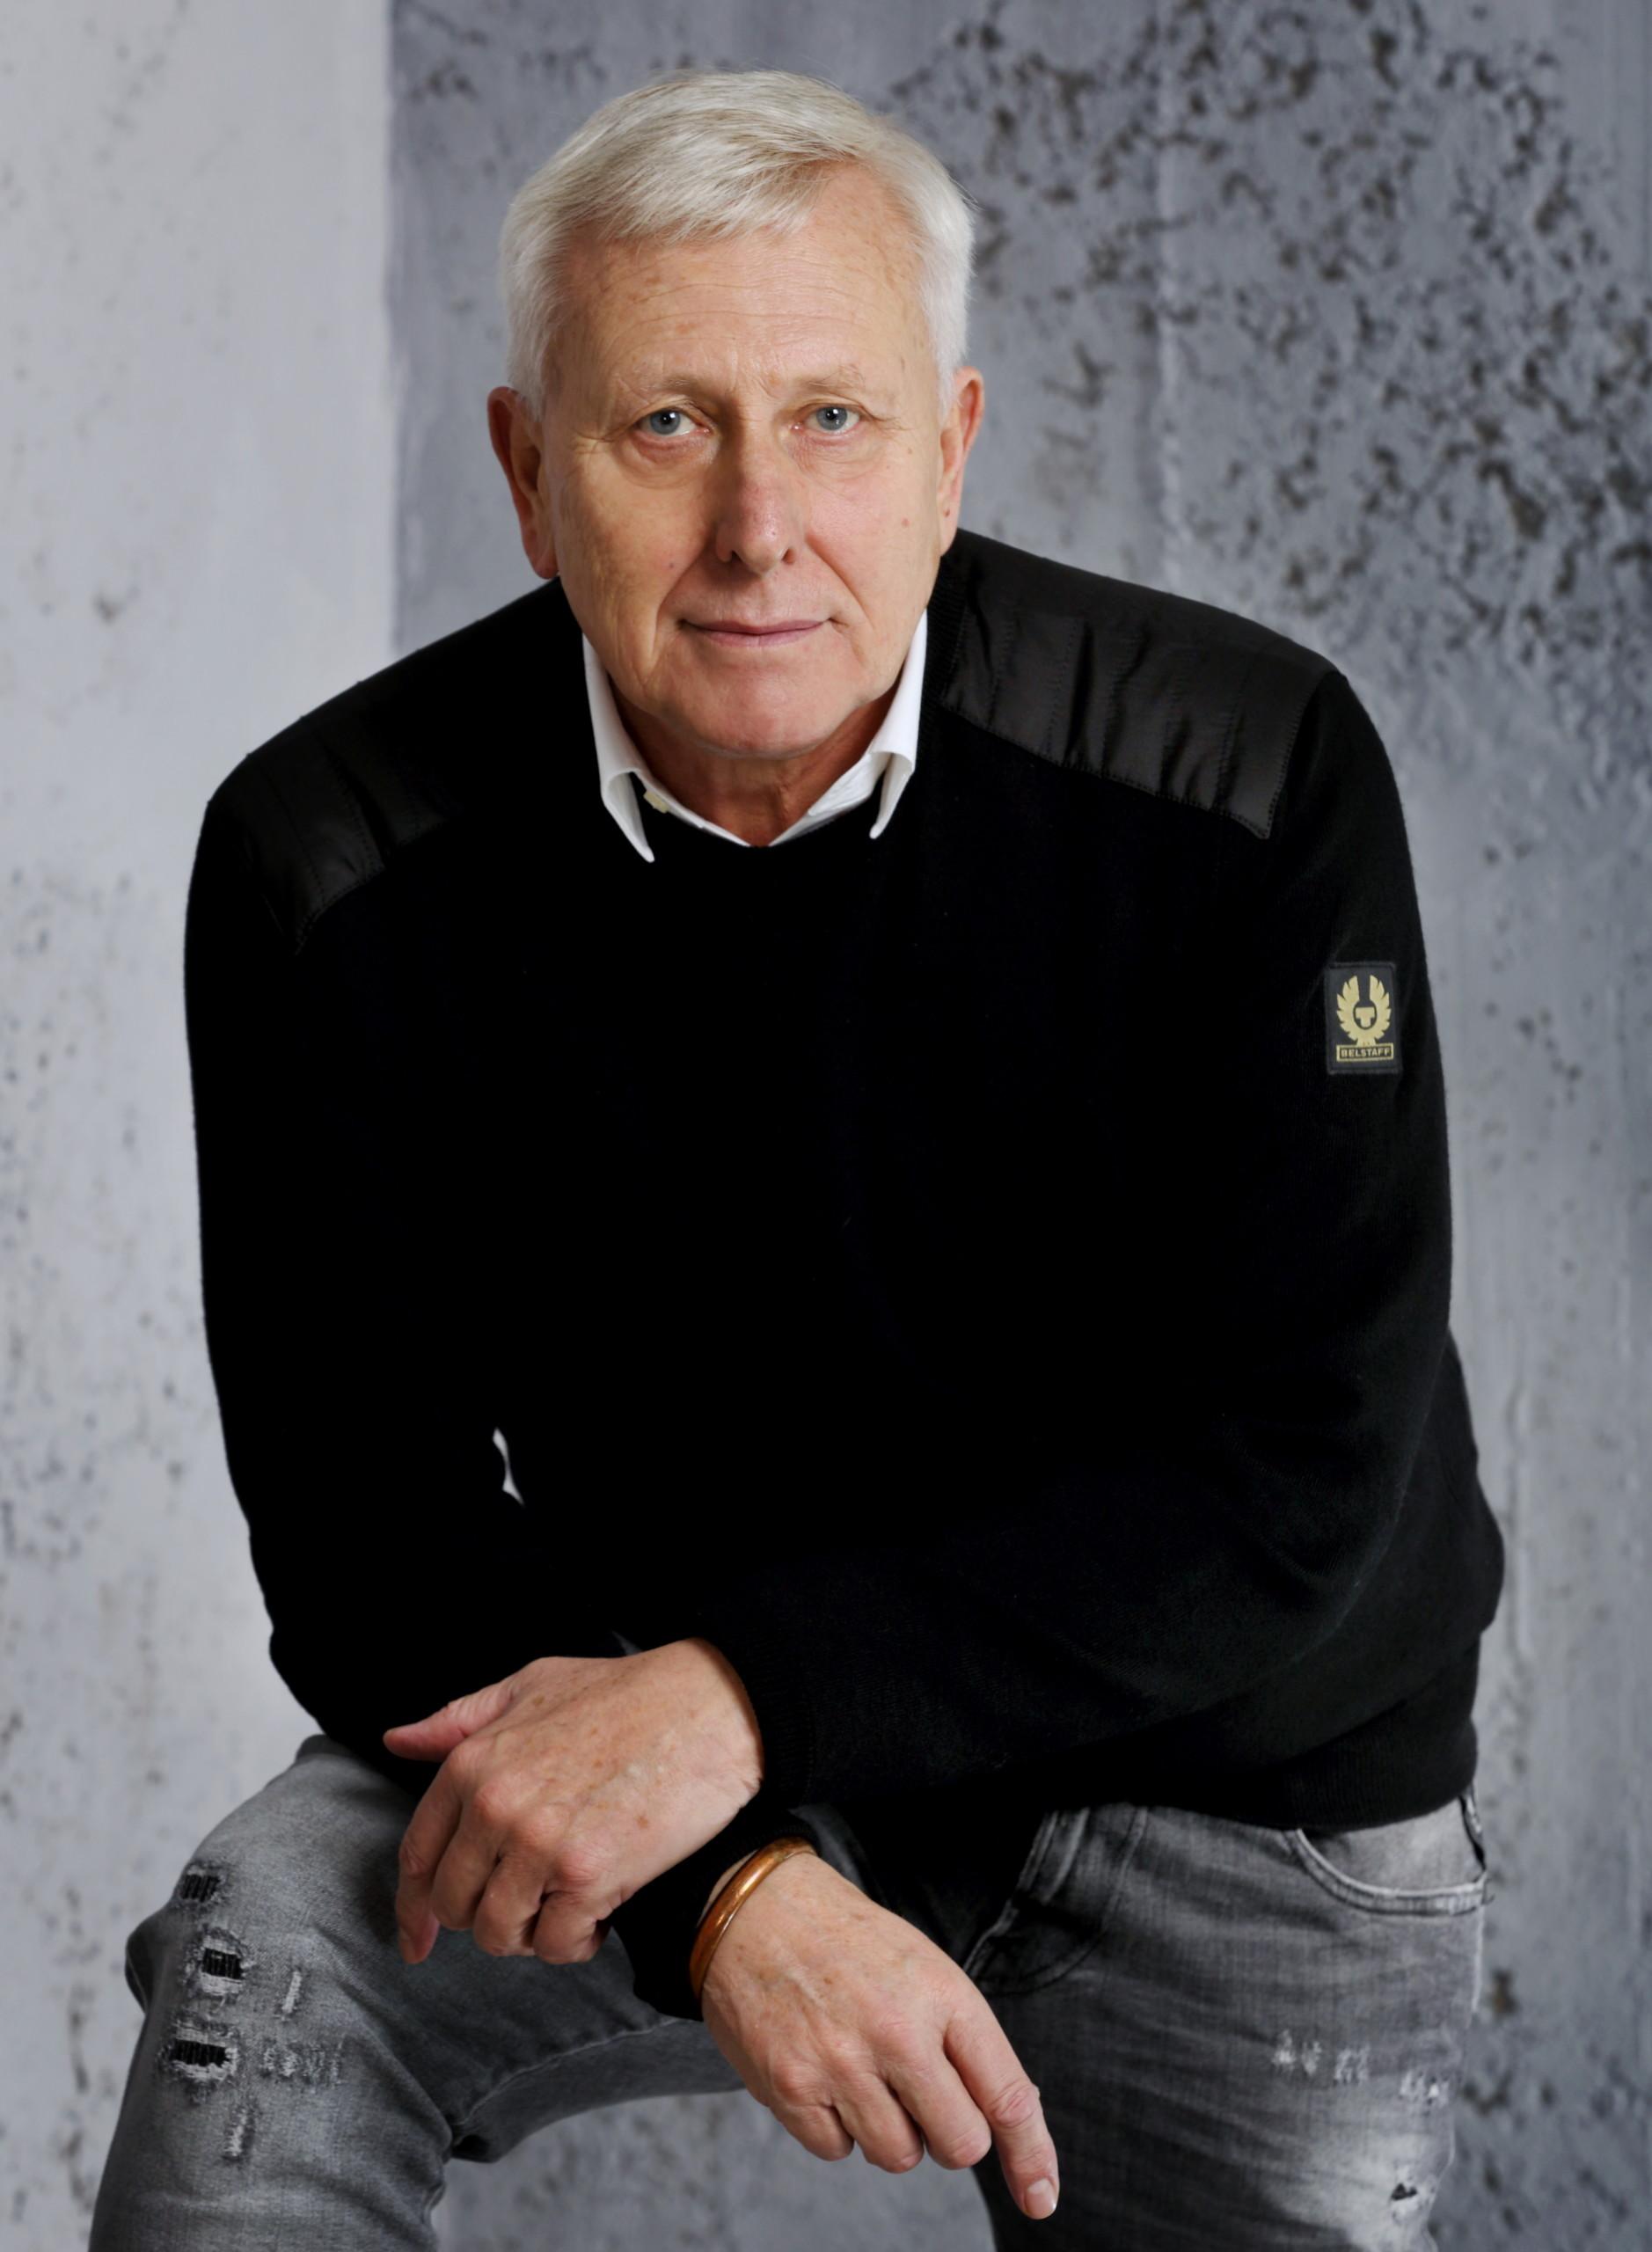 Timm Reichold